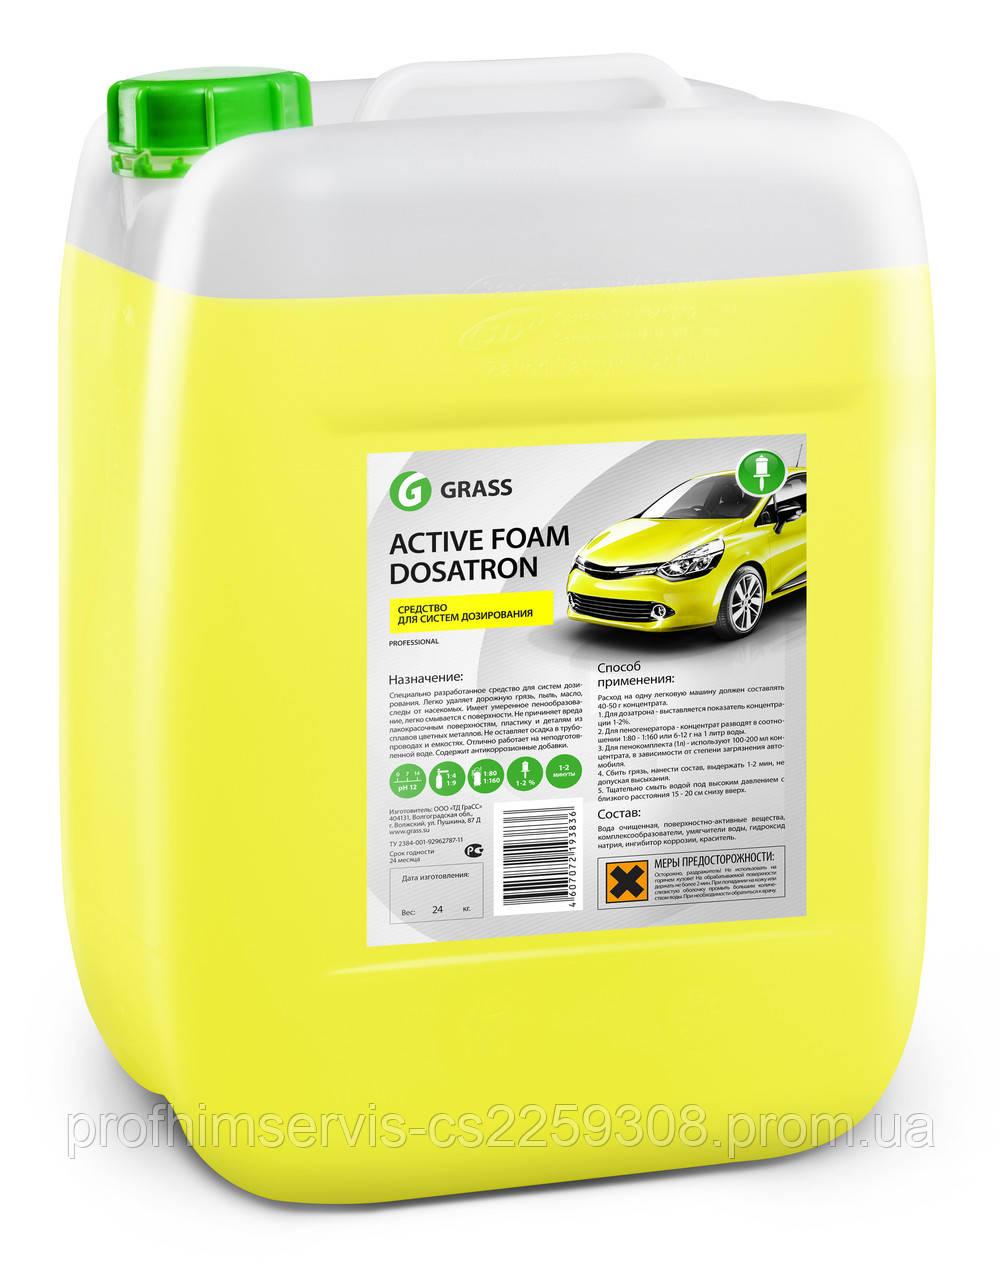 GRASS Авто шампунь для бесконтактной мойки авто Active Foam Dosatron 23 kg.